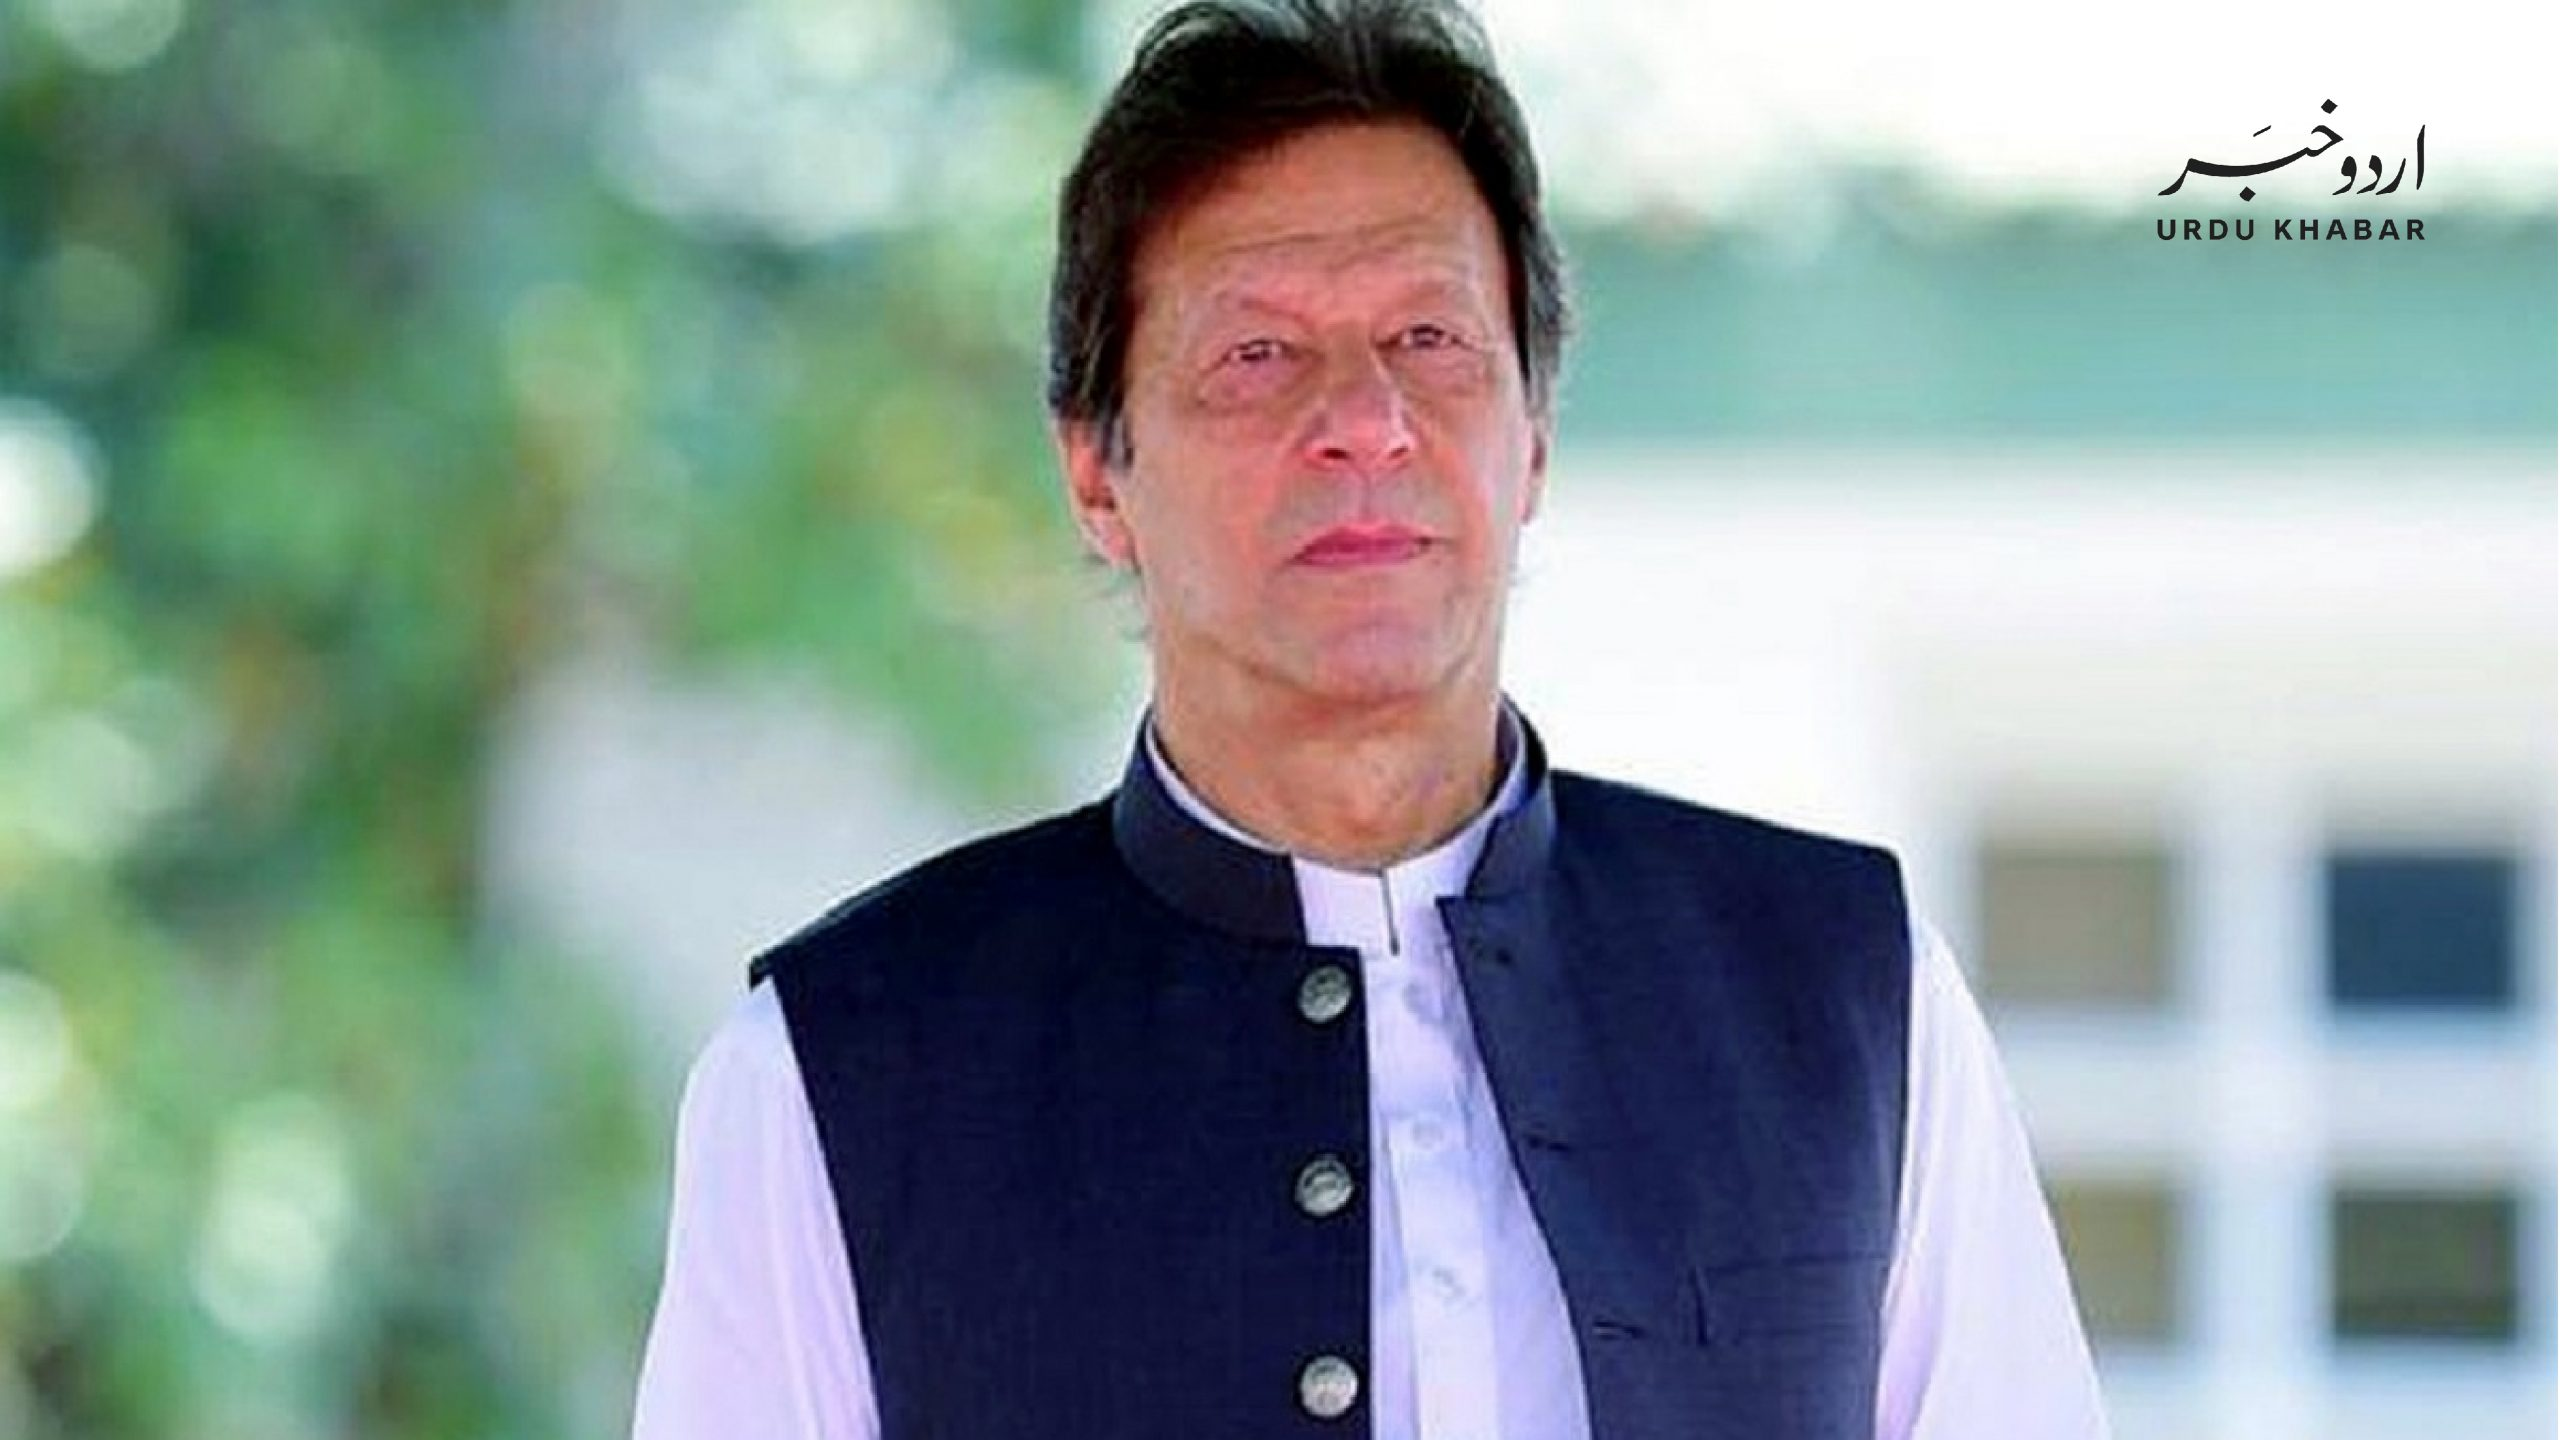 وزیر اعظم عمران خان آج اقوام متحدہ کے ماحولیاتی تبدیلی سمٹ سے خطاب کریں گے